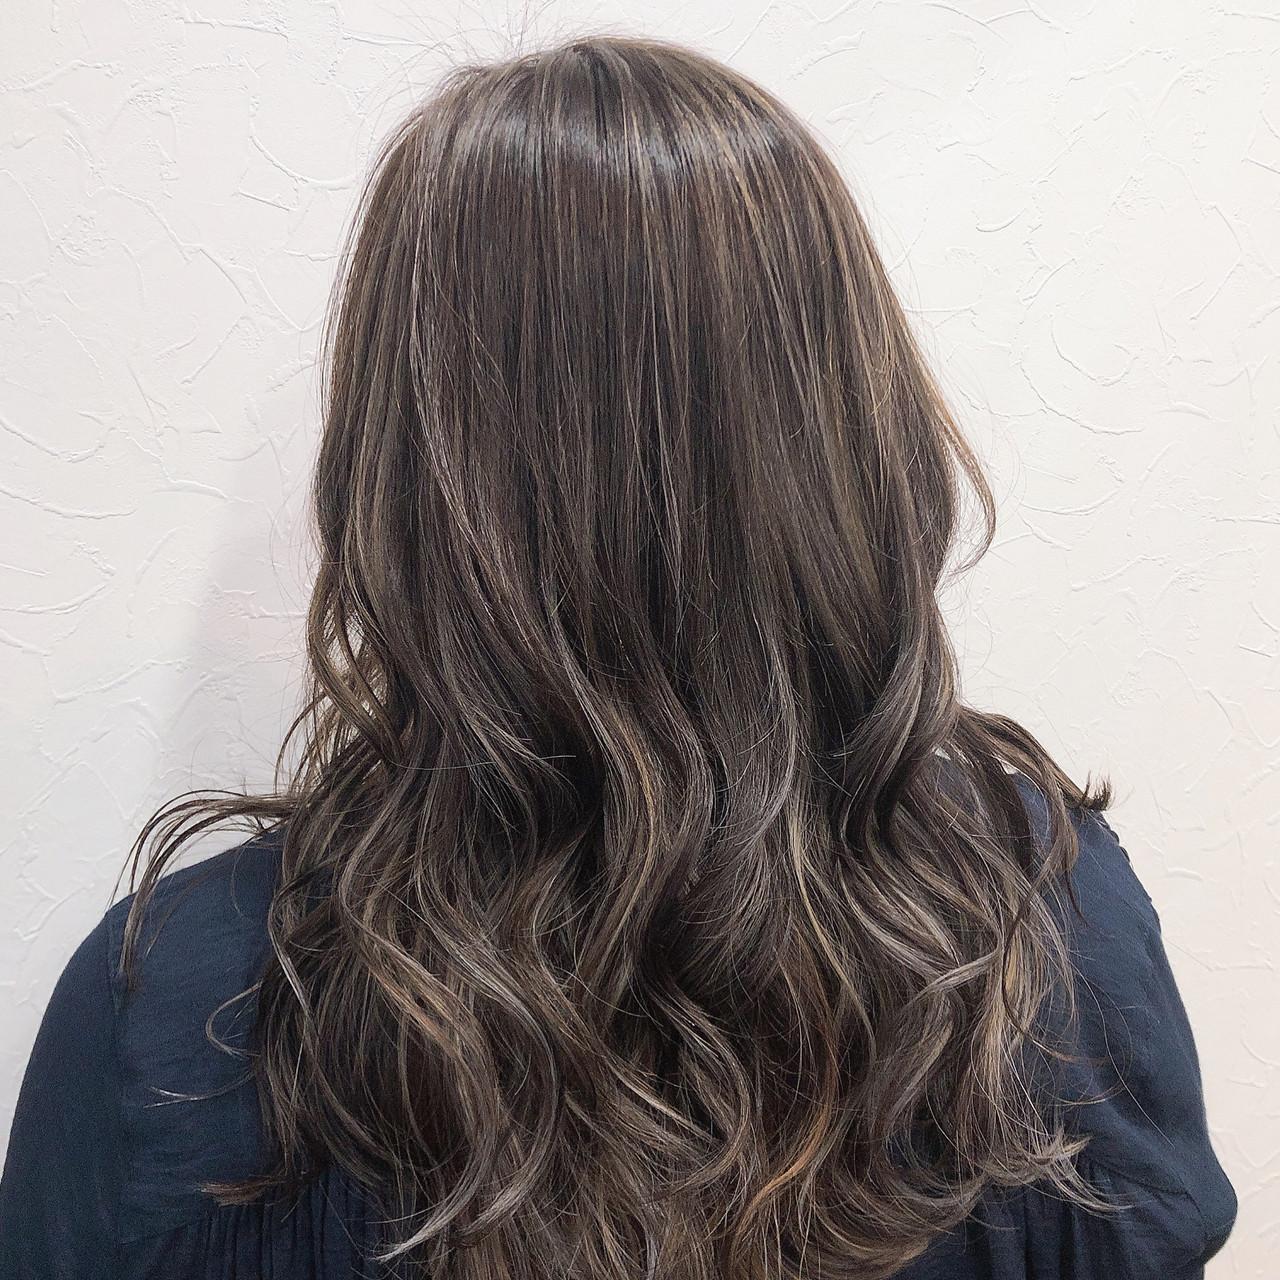 フェミニン ロング アッシュグレージュ 大人ハイライト ヘアスタイルや髪型の写真・画像